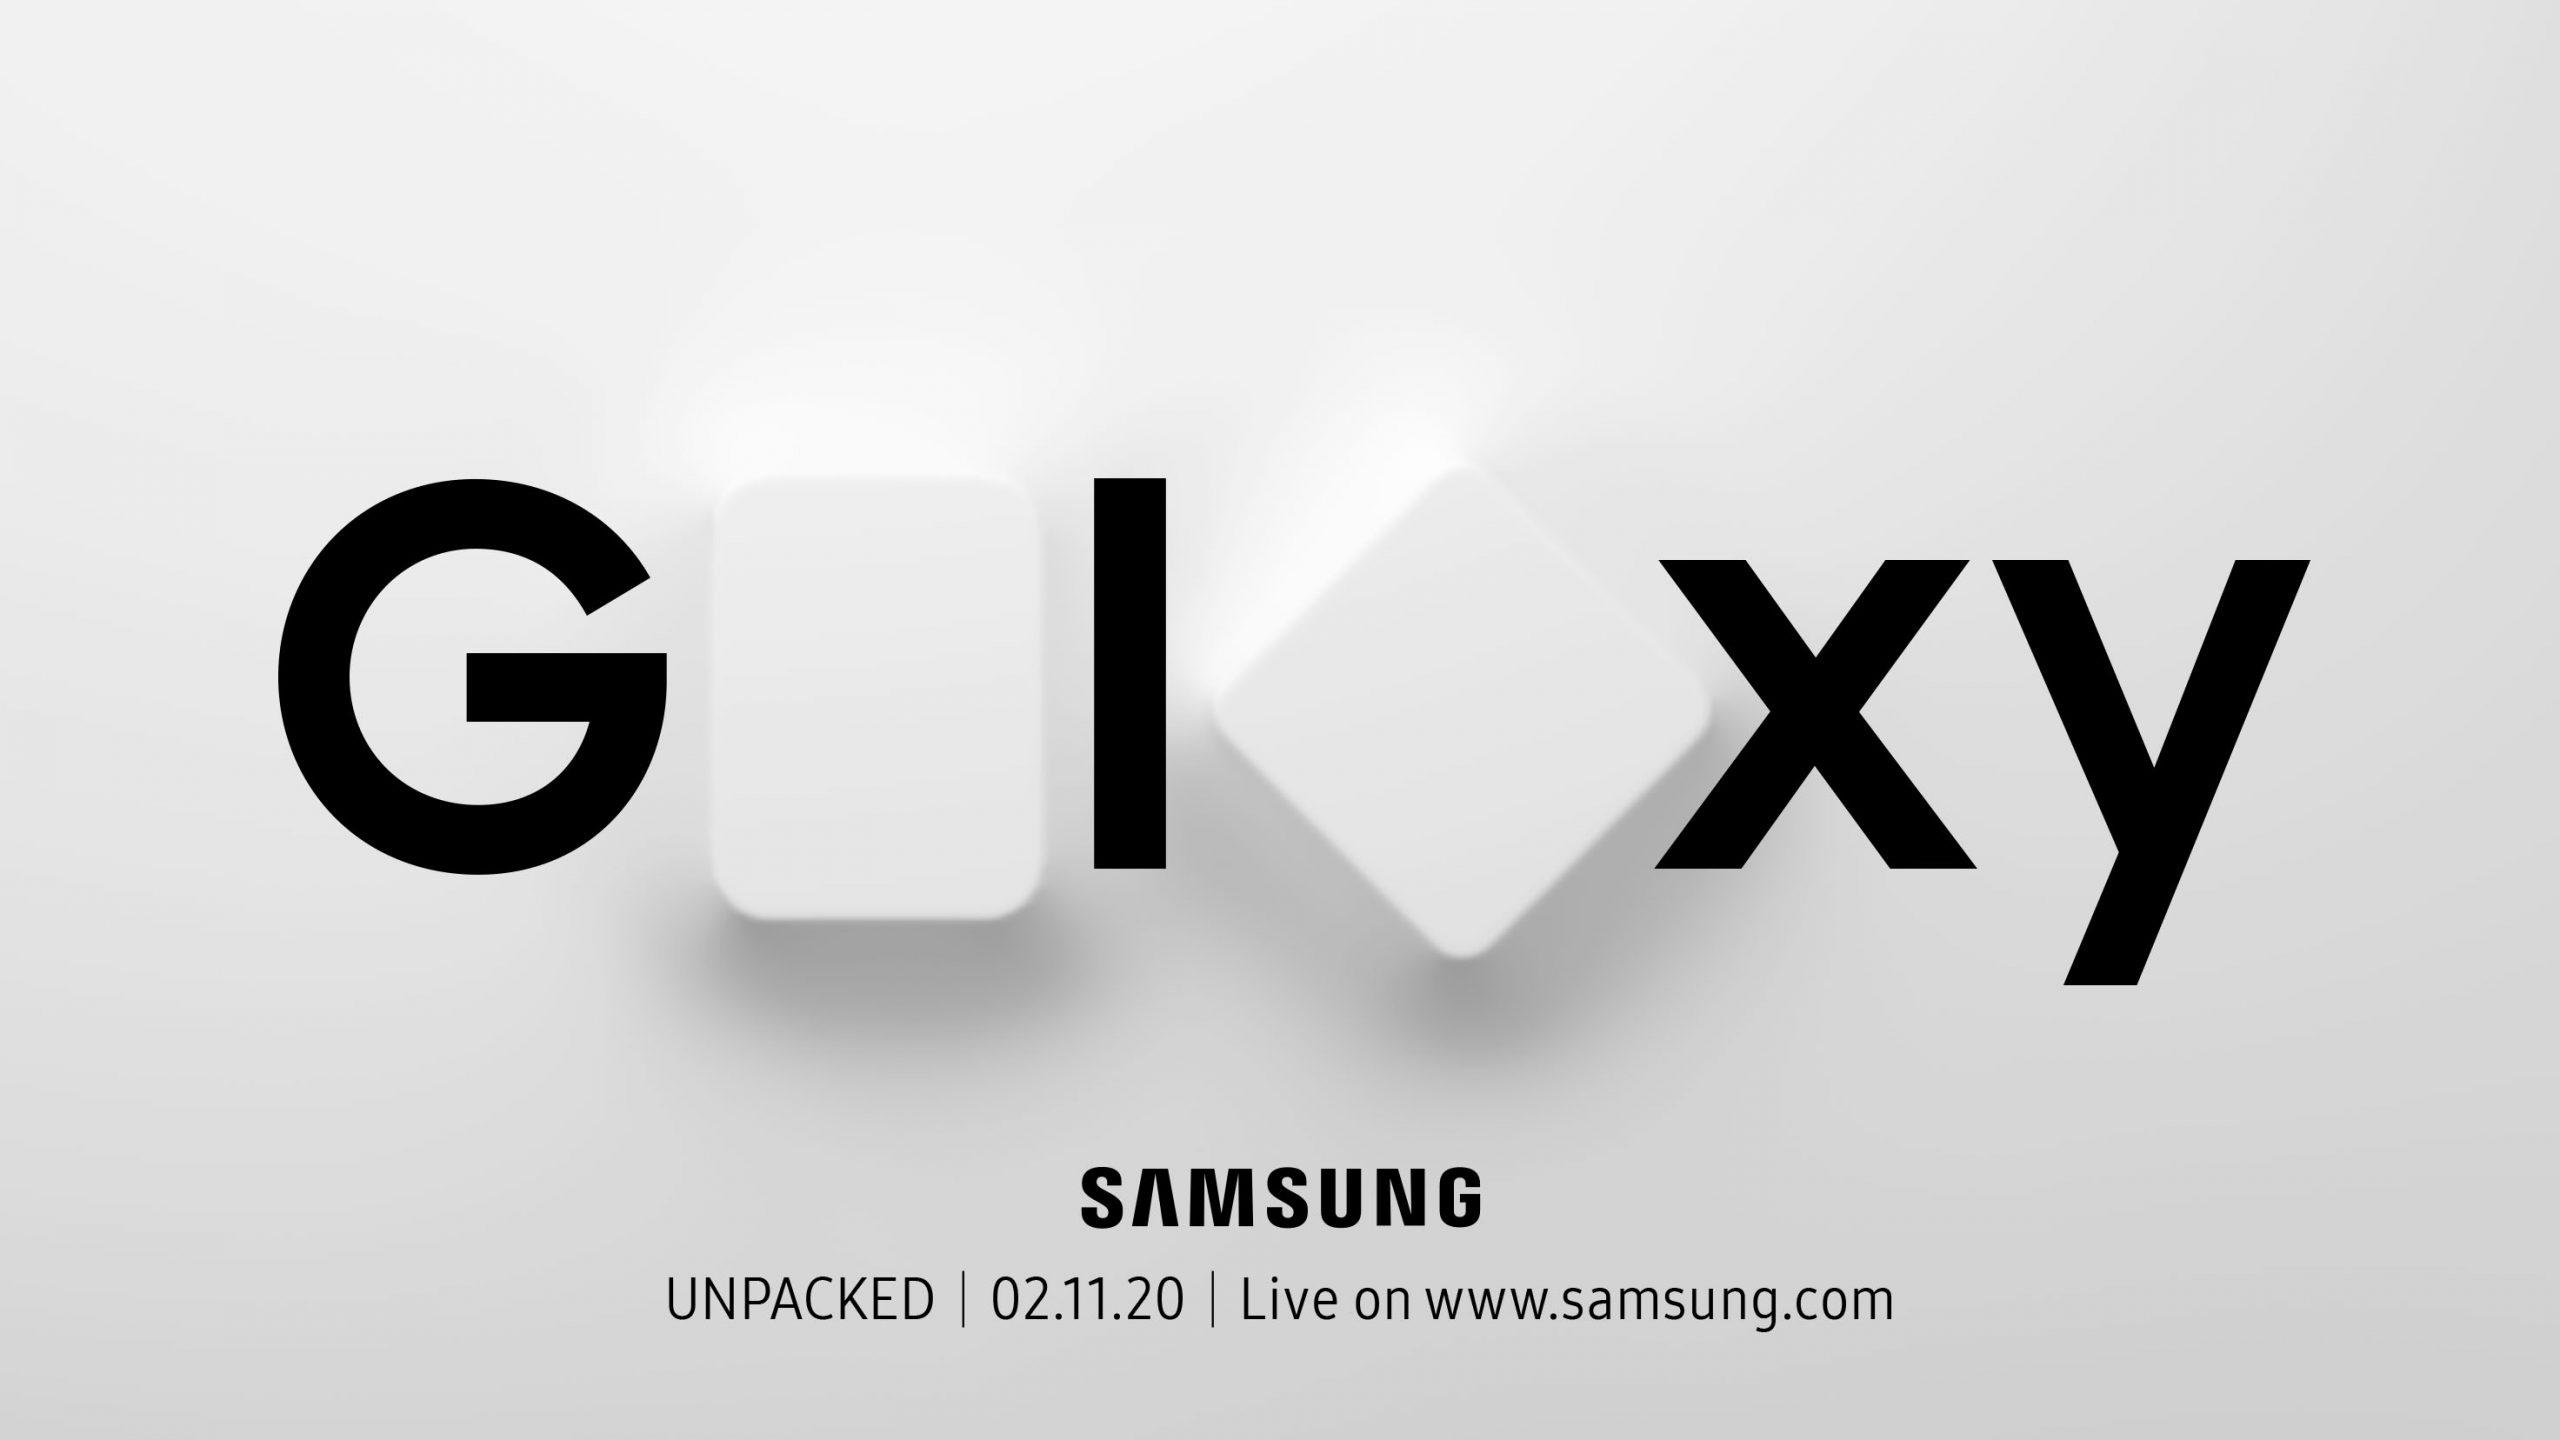 Samsung Galaxy Unpacked 2020 Livestream Reminder